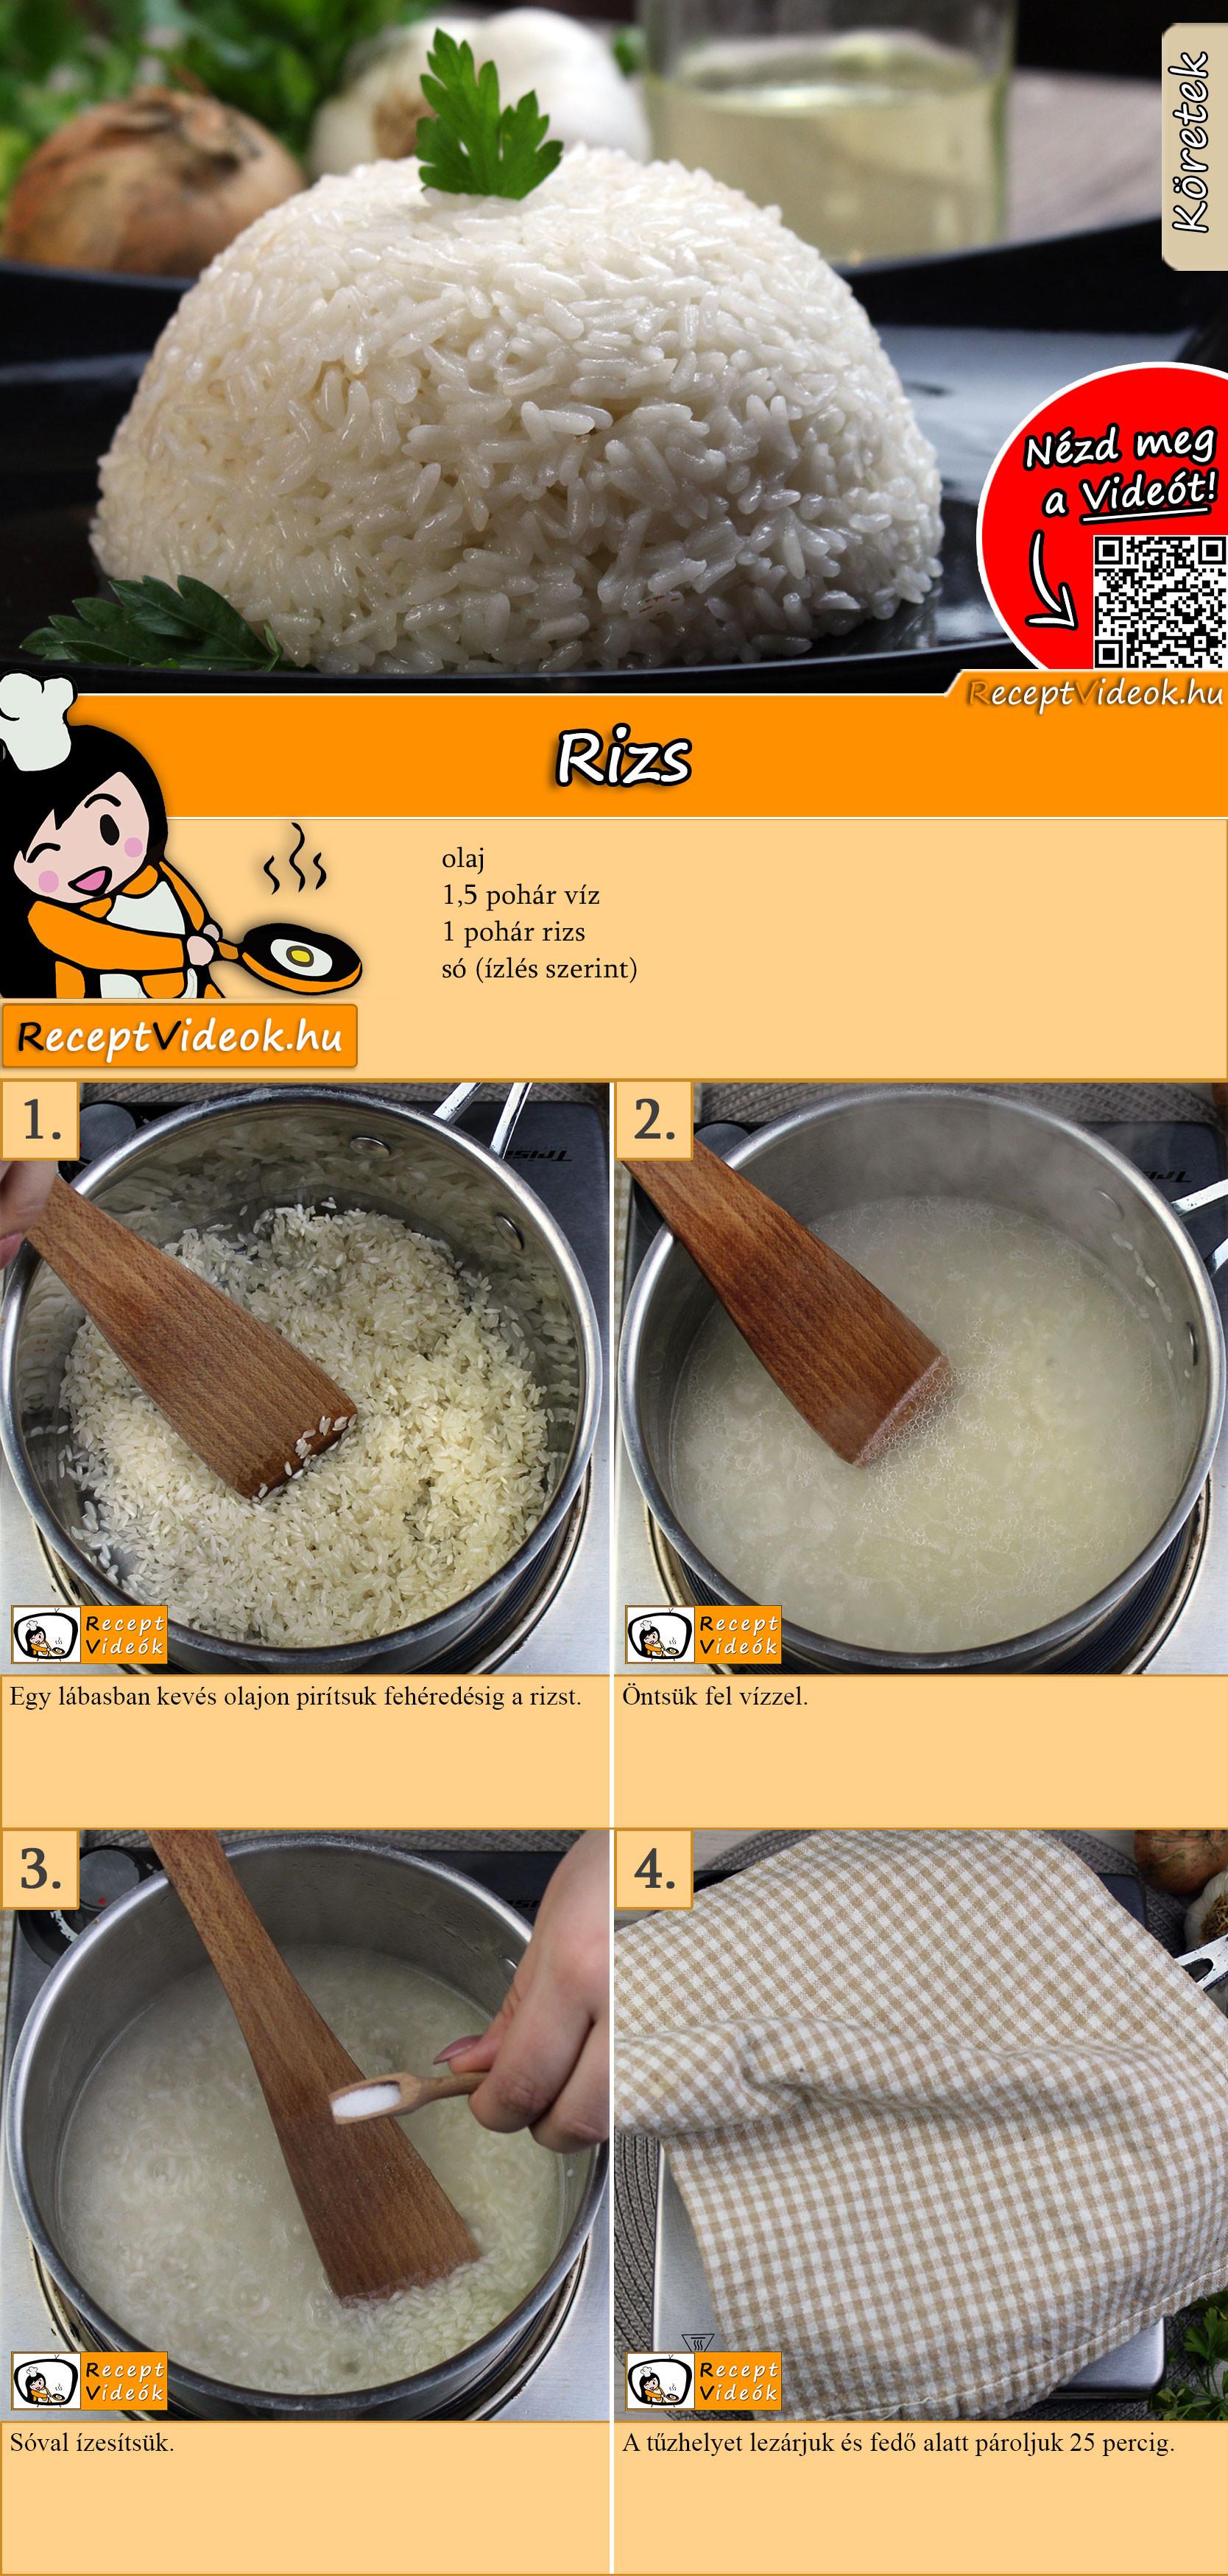 Rizs recept elkészítése videóval